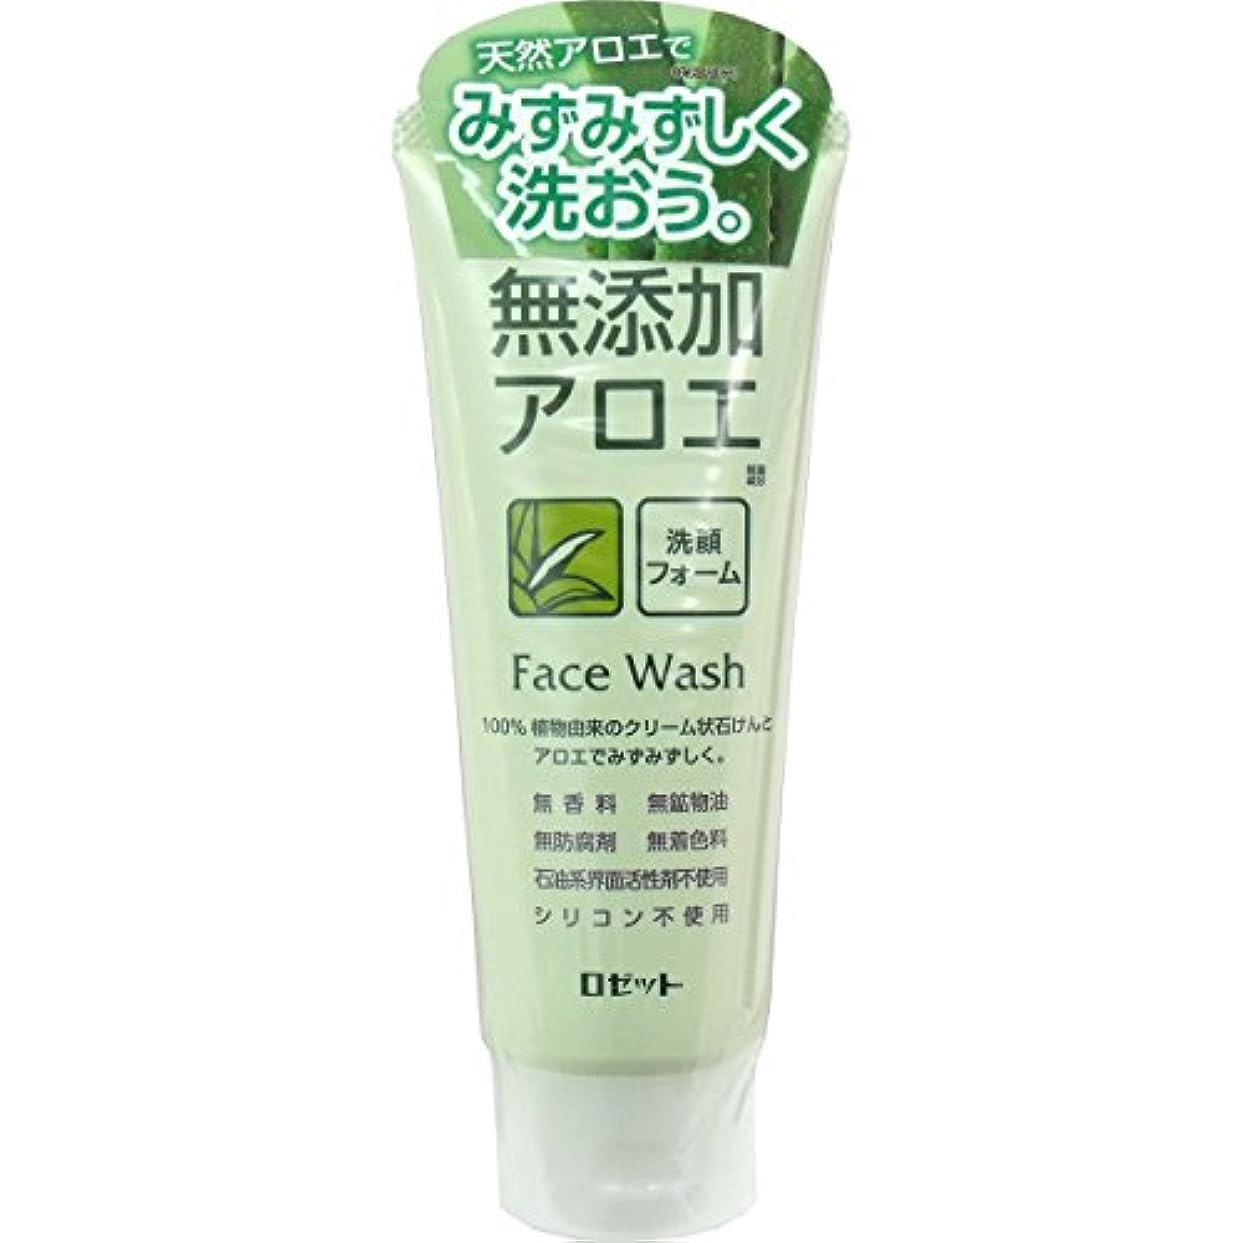 色見分ける汚い【まとめ買い】無添加アロエ洗顔フォーム 140g ×2セット